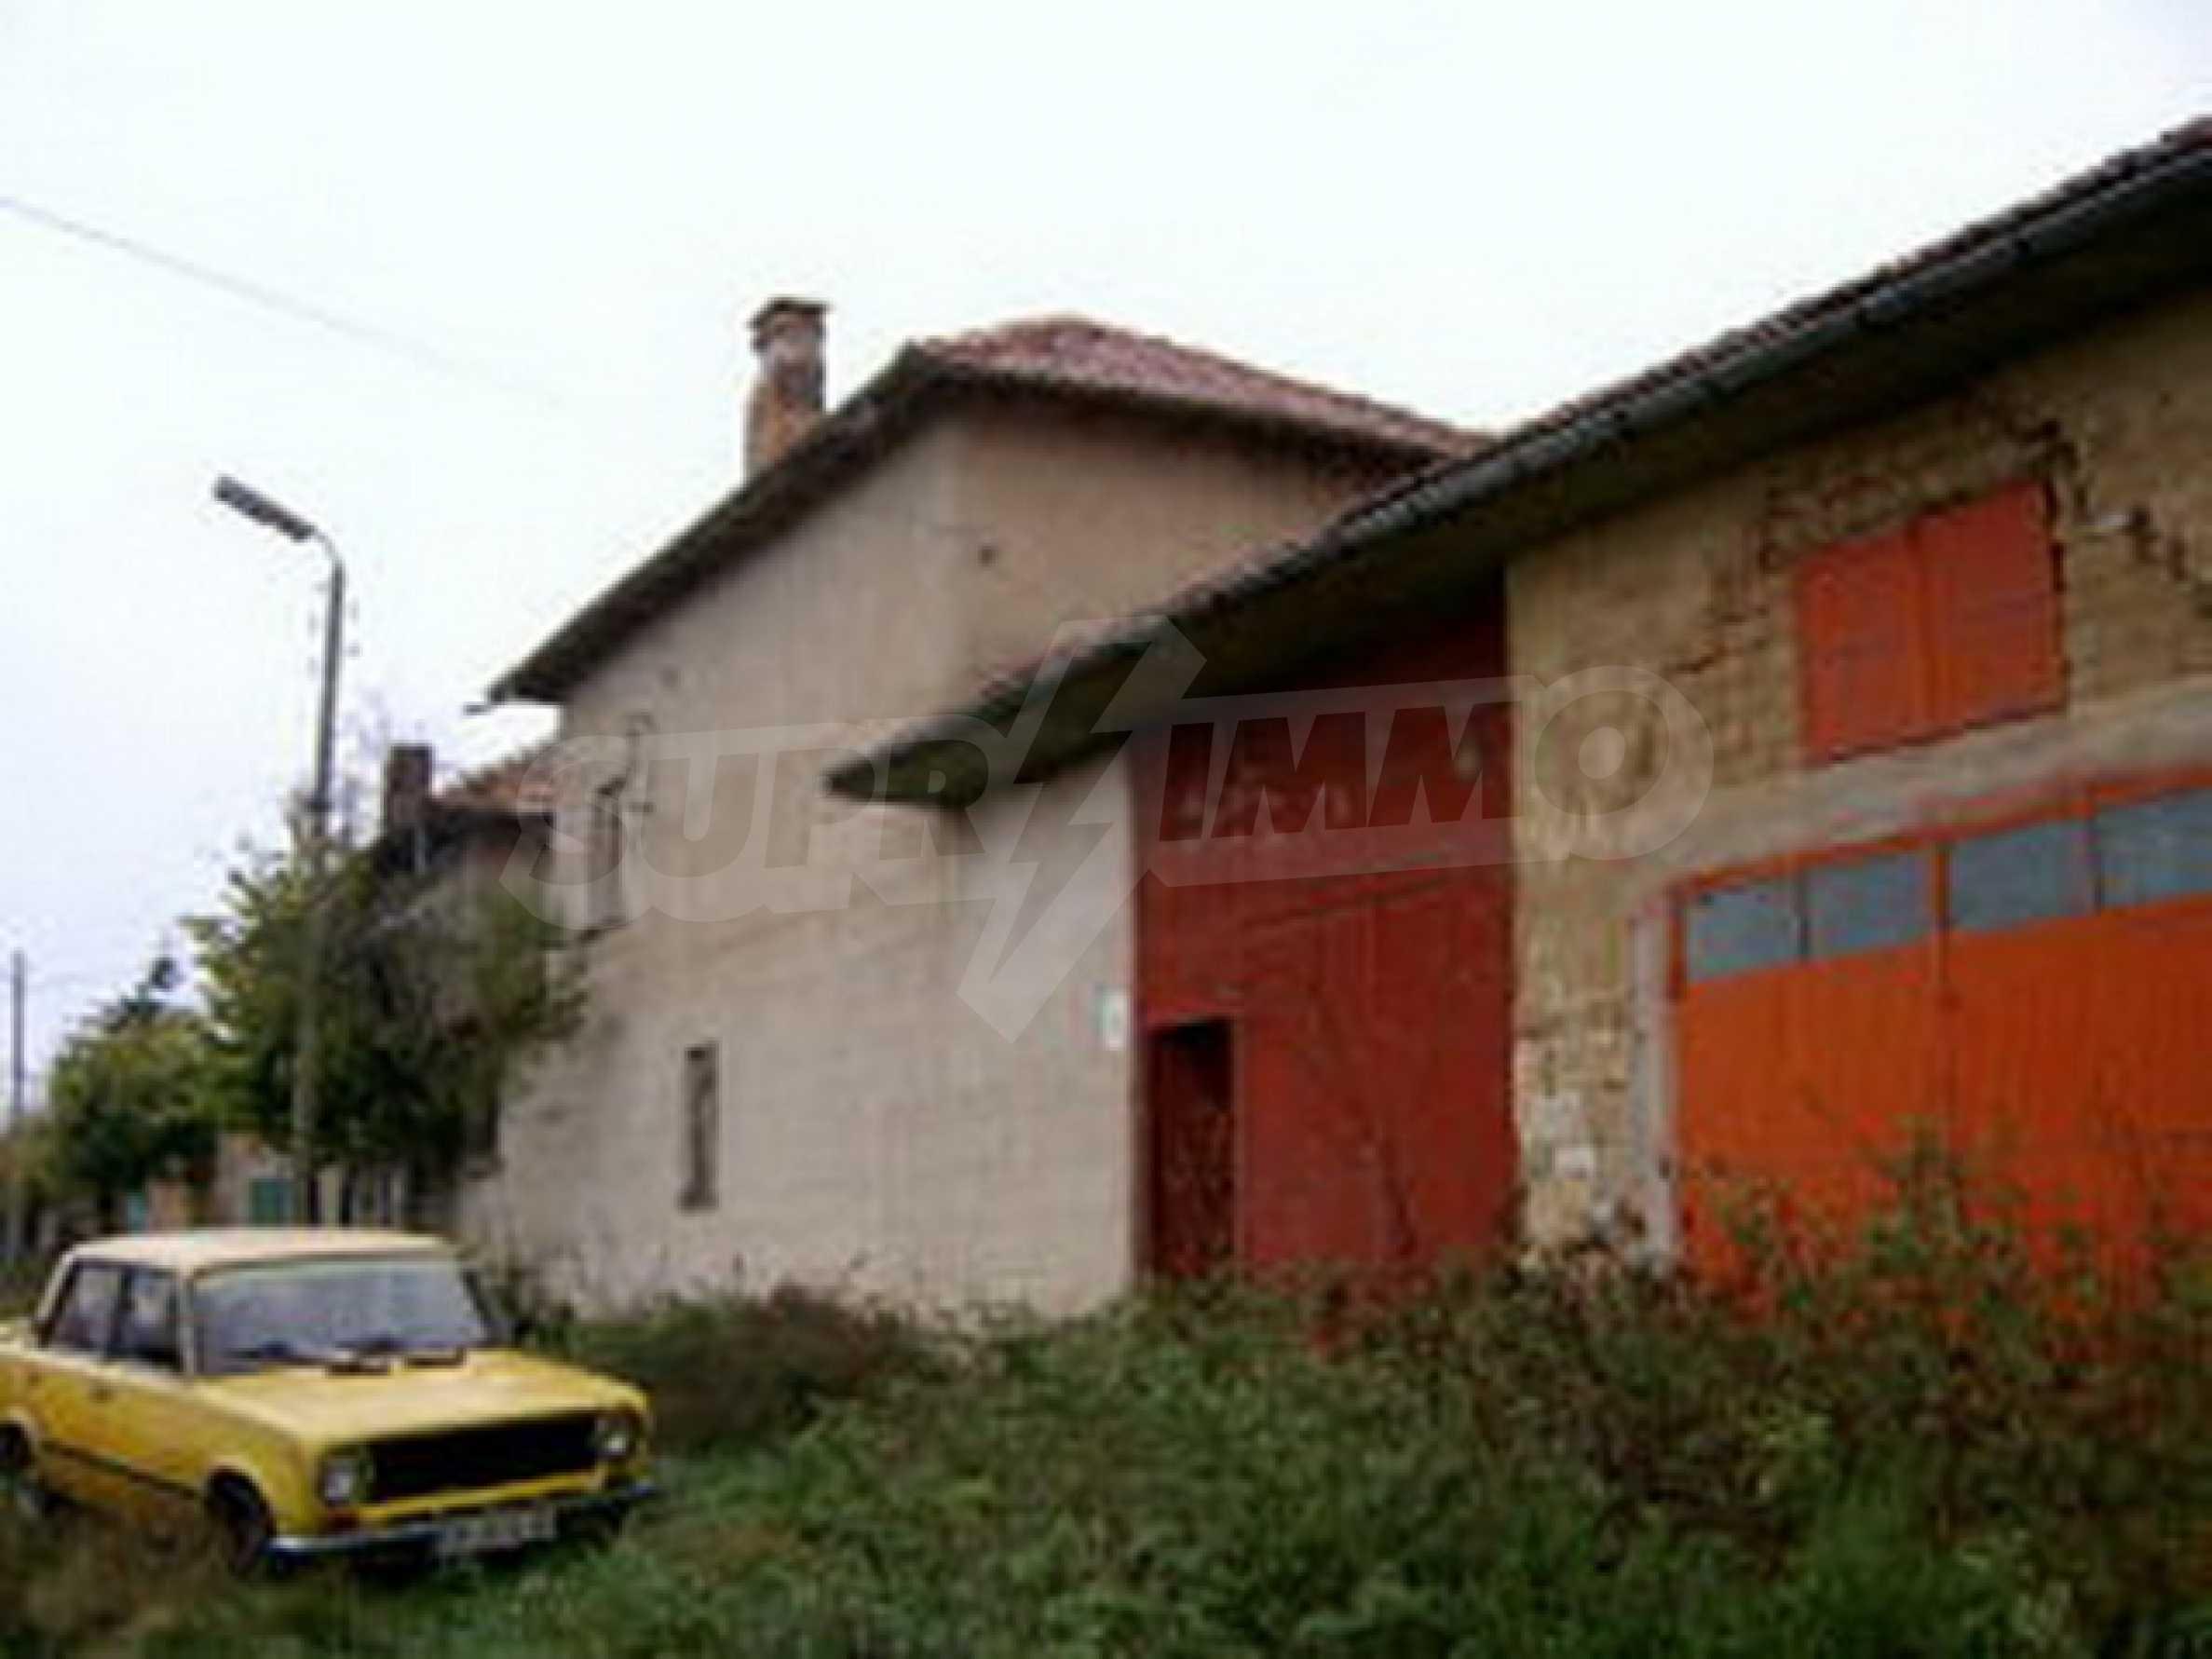 Zweistöckiges Haus in einem Dorf 10 km. von einem großen Damm 3